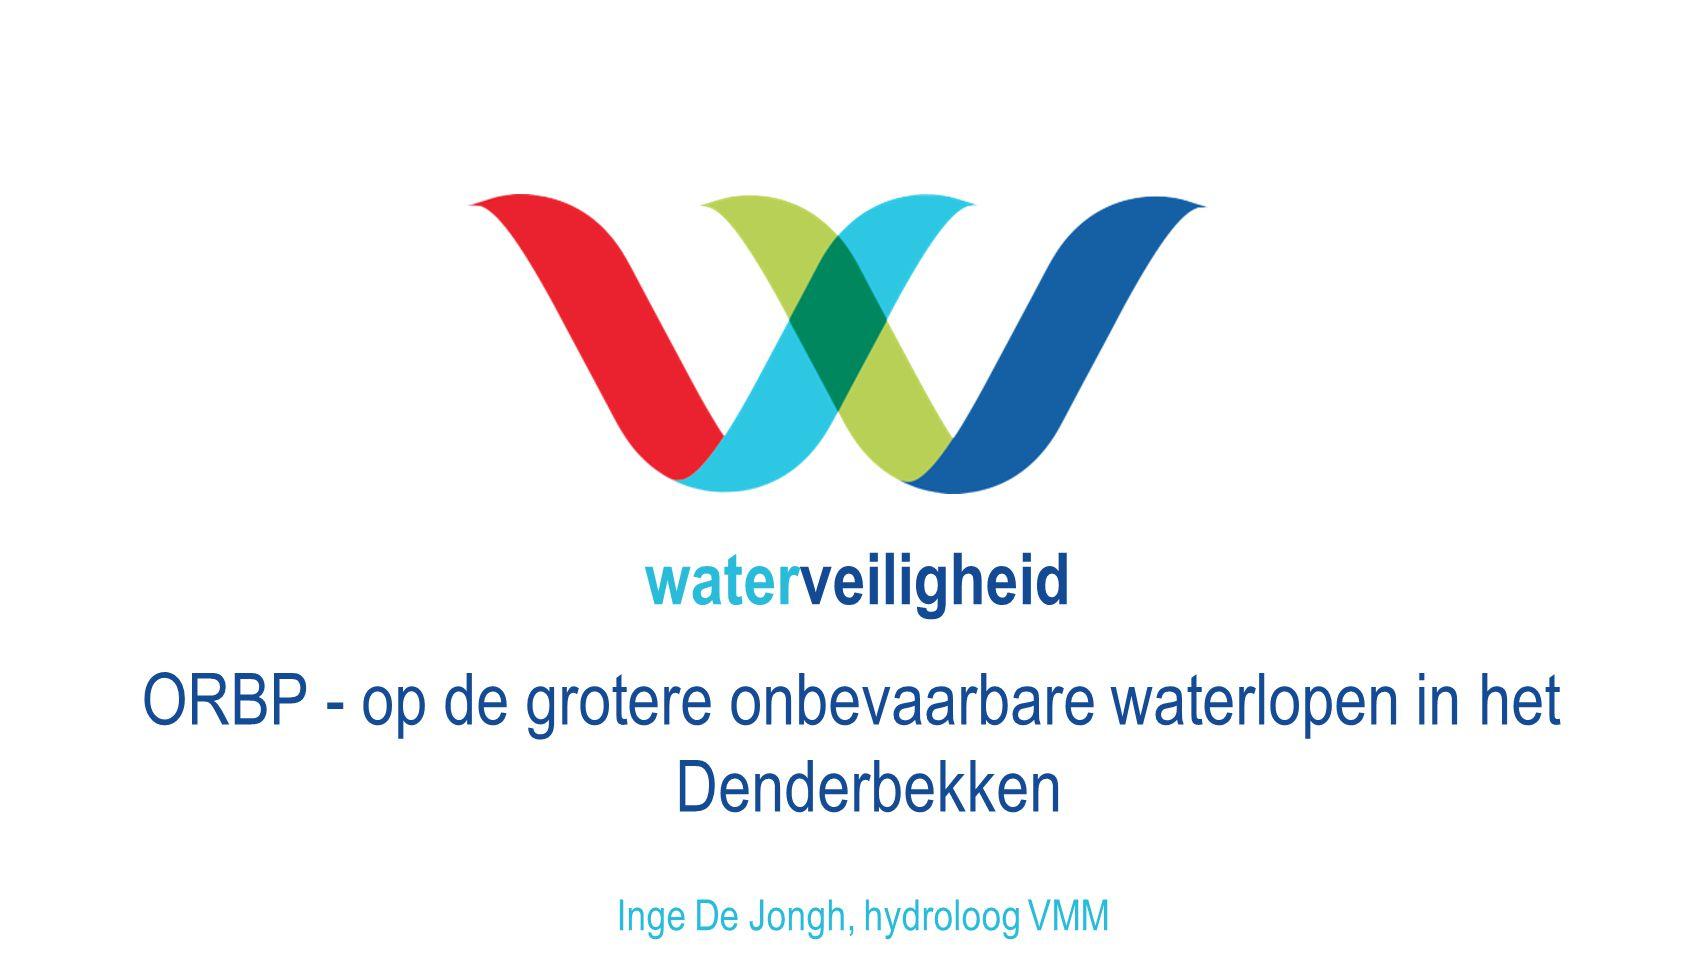 waterveiligheid ORBP - op de grotere onbevaarbare waterlopen in het Denderbekken Inge De Jongh, hydroloog VMM